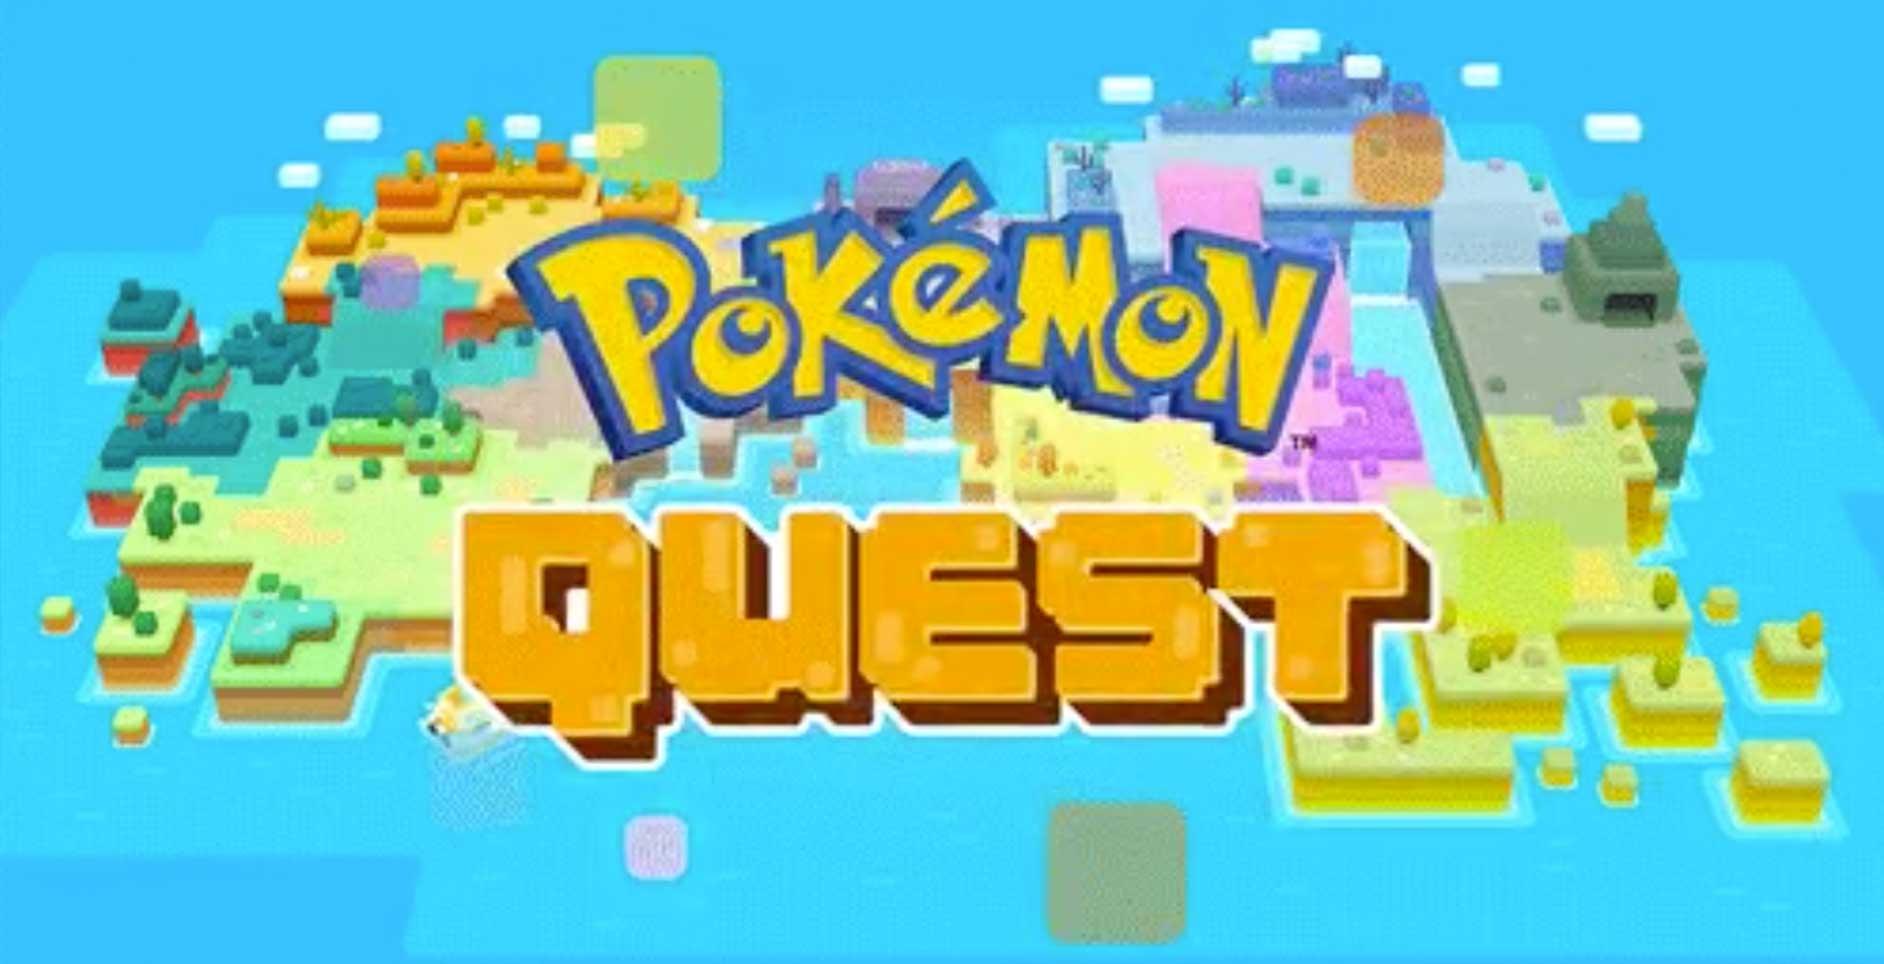 Pokémon Quest   Jogo gratuito de Pokémon é anunciado para Switch e mobile